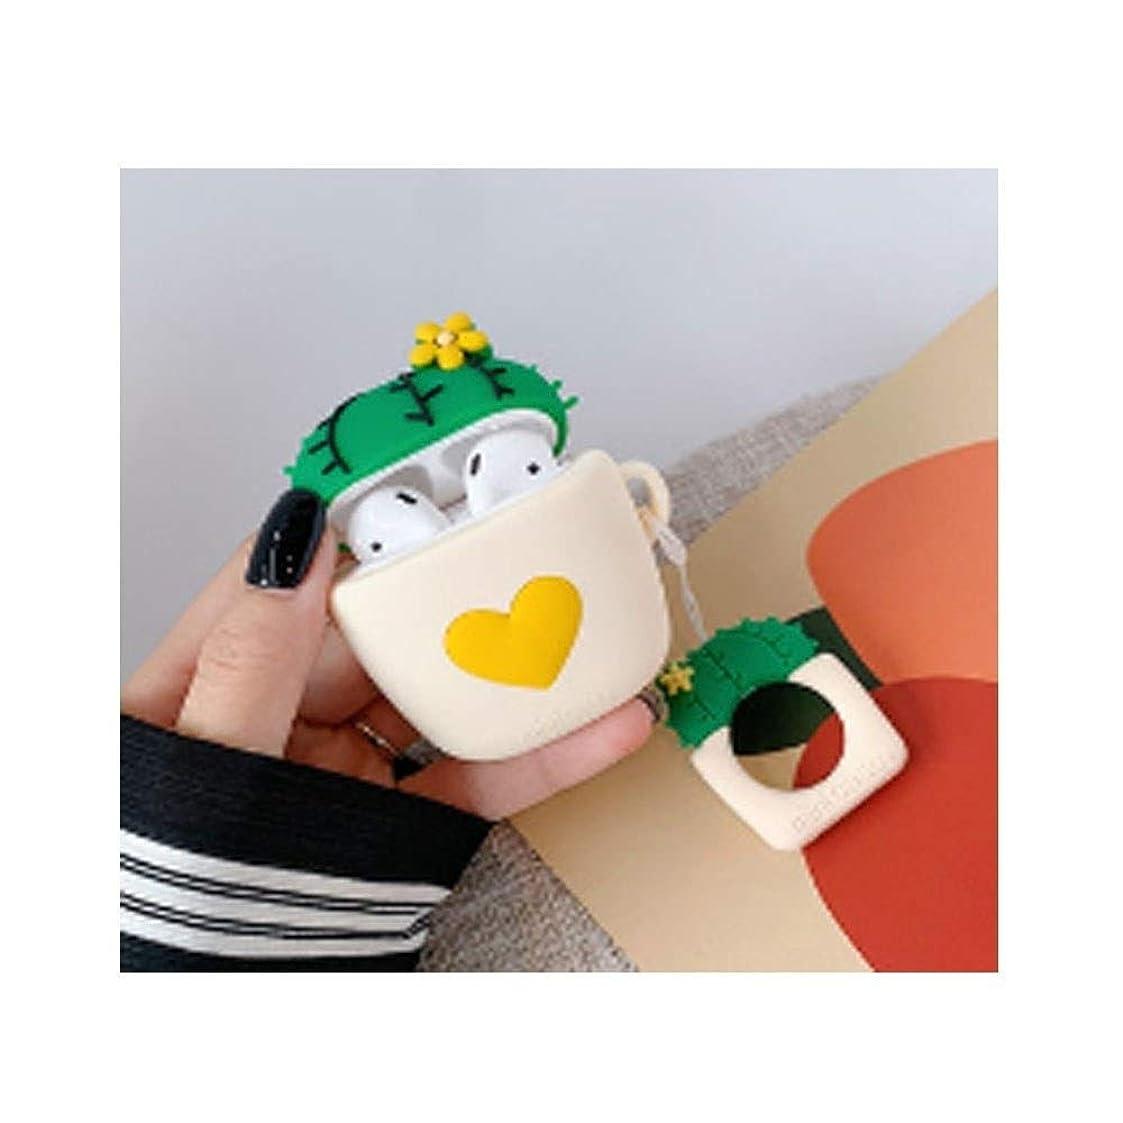 学習記念品振り子Kaiyitong001 Airpod用ヘッドフォンカバーシリコン防滴ワイヤレスヘッドセット収納ボックス、ピンク、イエロー、パープル、ベージュ ファッション (Color : Yellow)